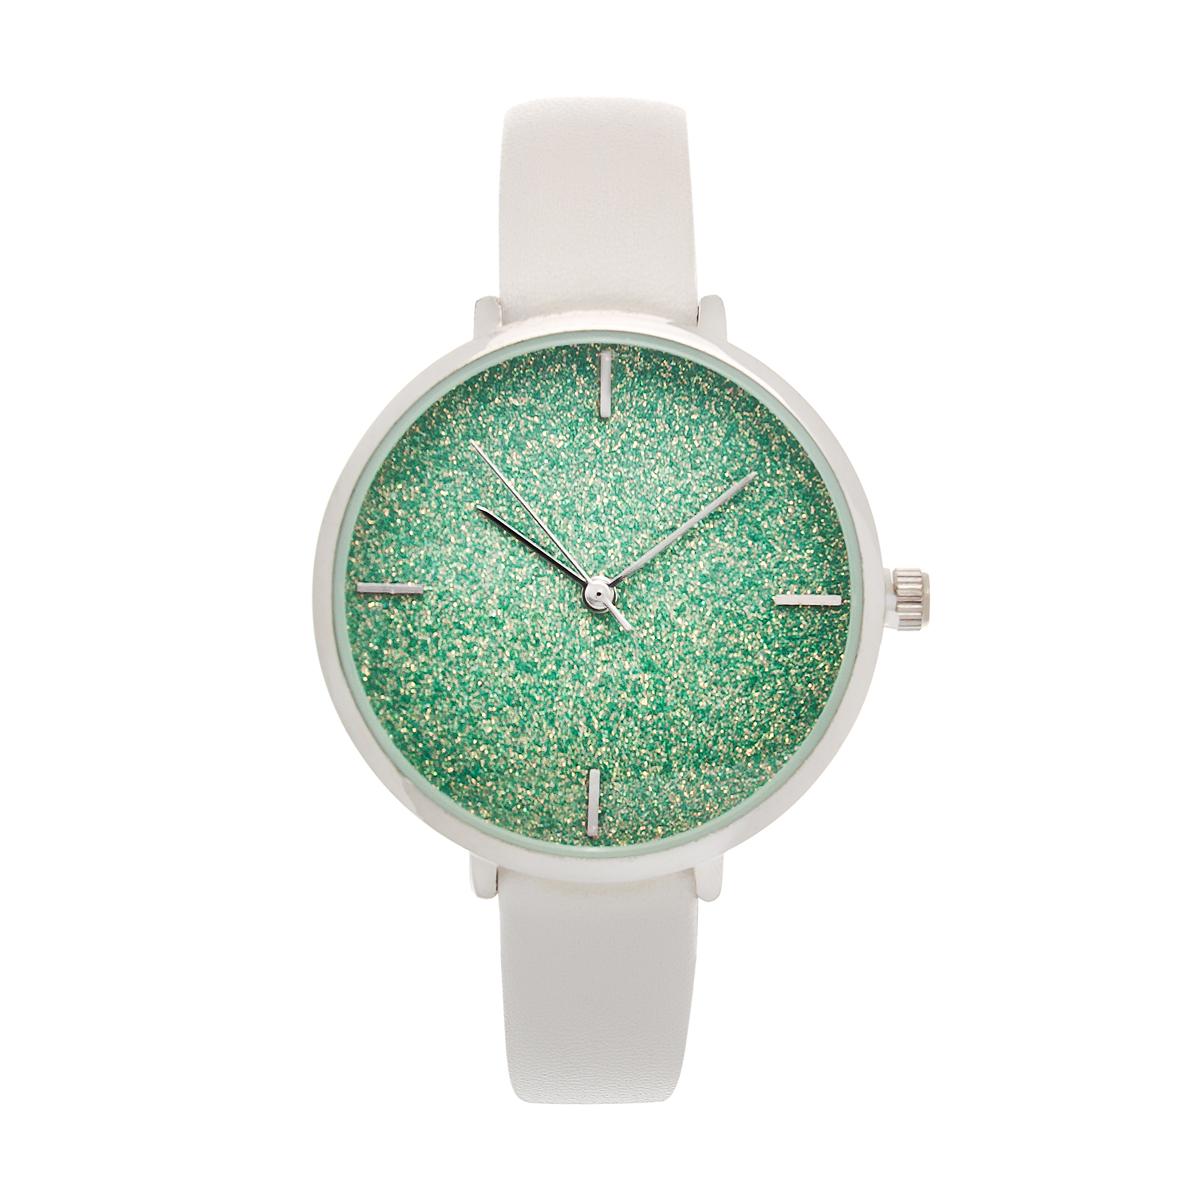 ساعت مچی عقربه ای زنانه کاملی کد W1130 25